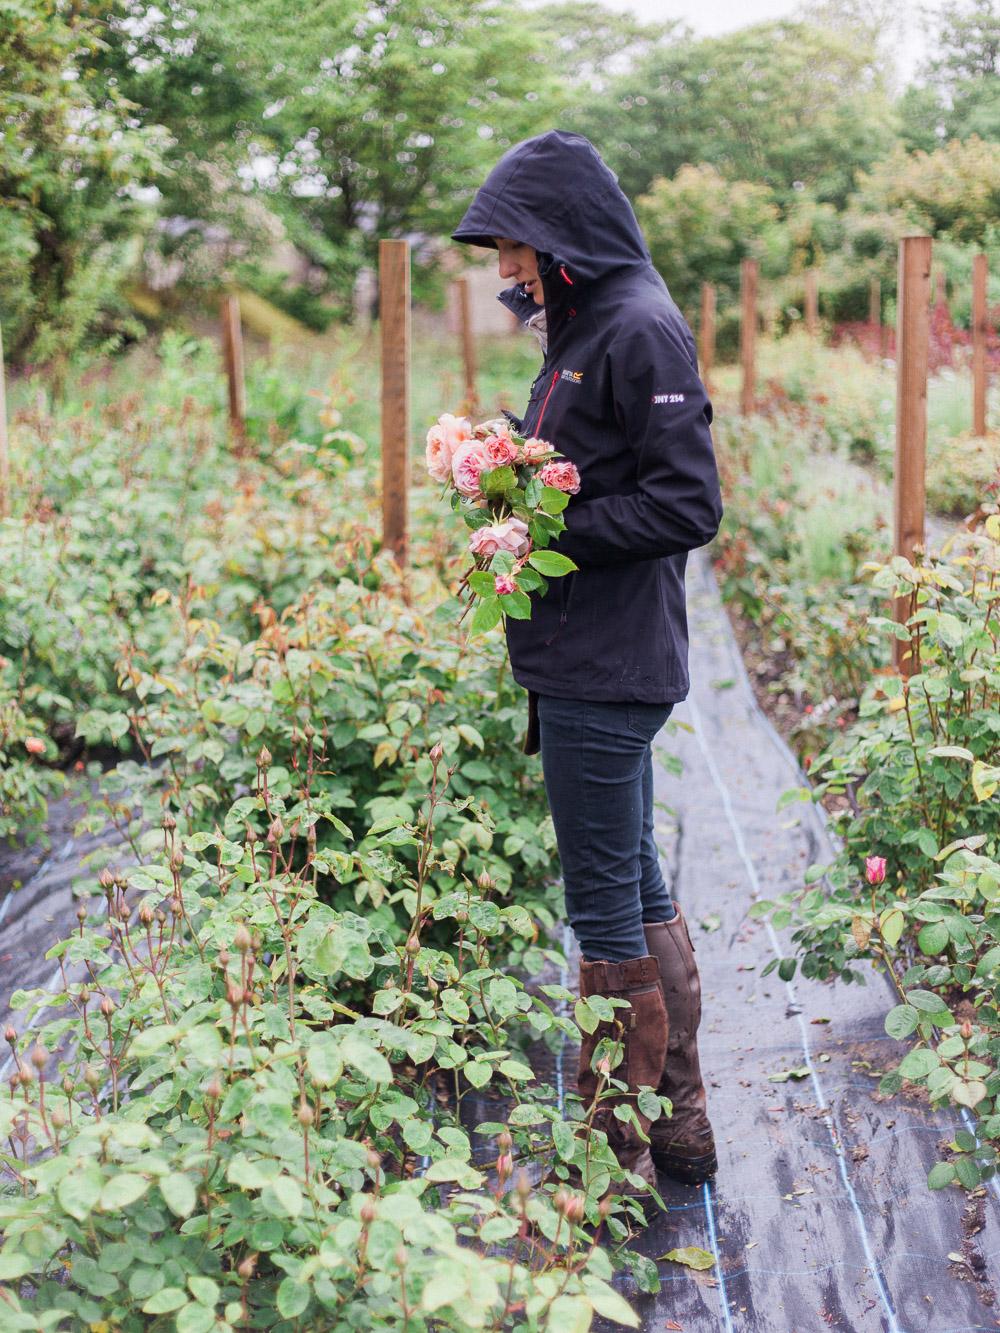 imogen xiana garden gate flower company-4.jpg